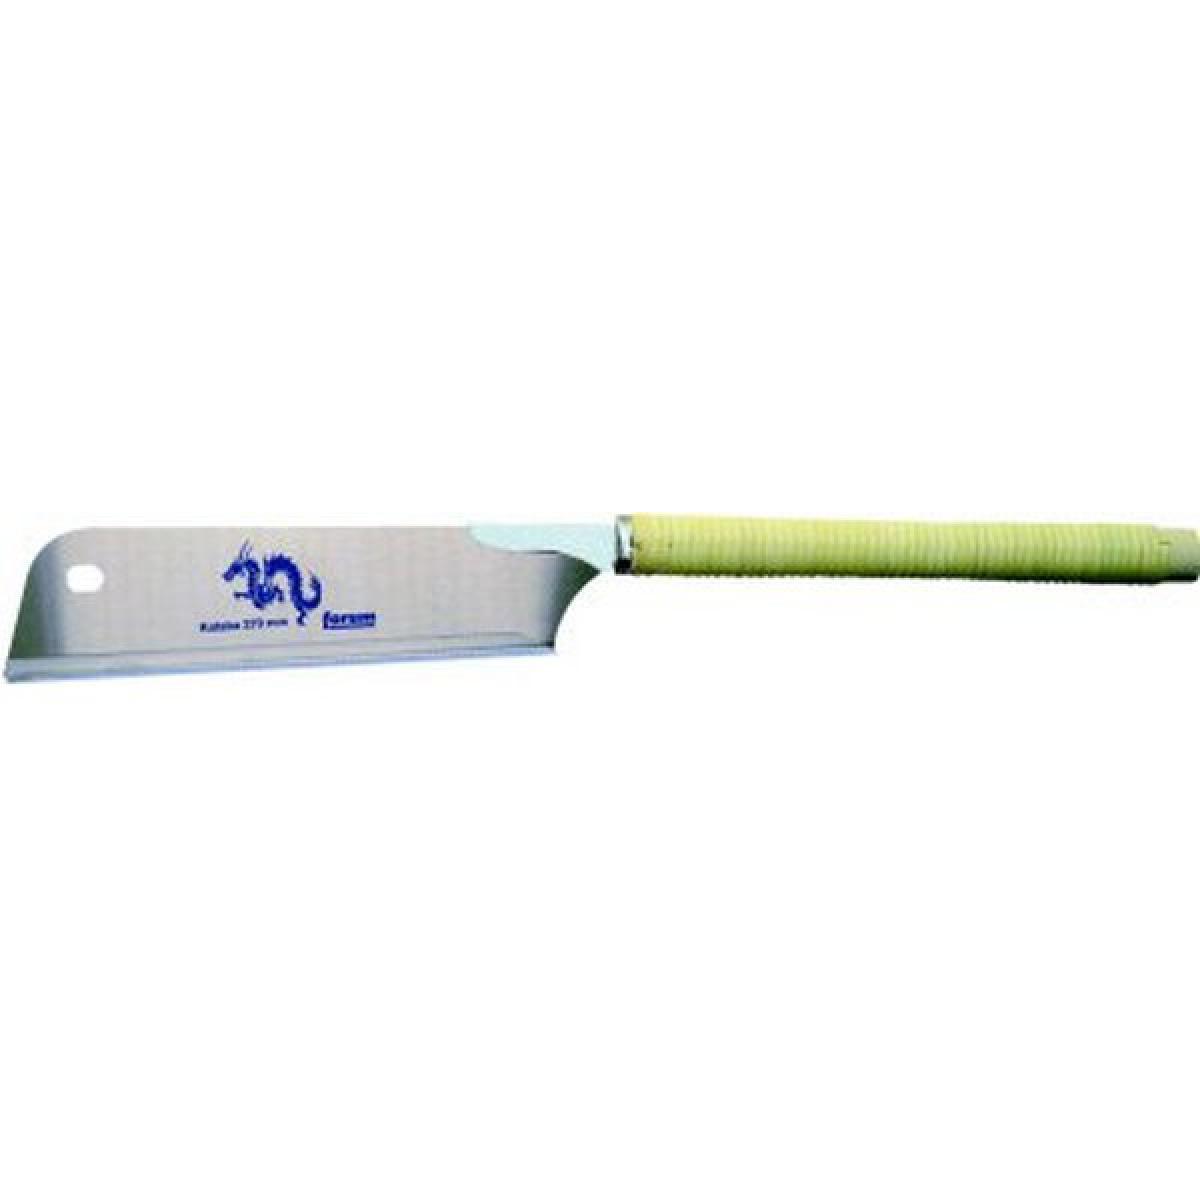 Forum Scie japonaise Kataba, poignée bambou, longueur de lame 270 mm, Épaisseur de lame 0,5 mm